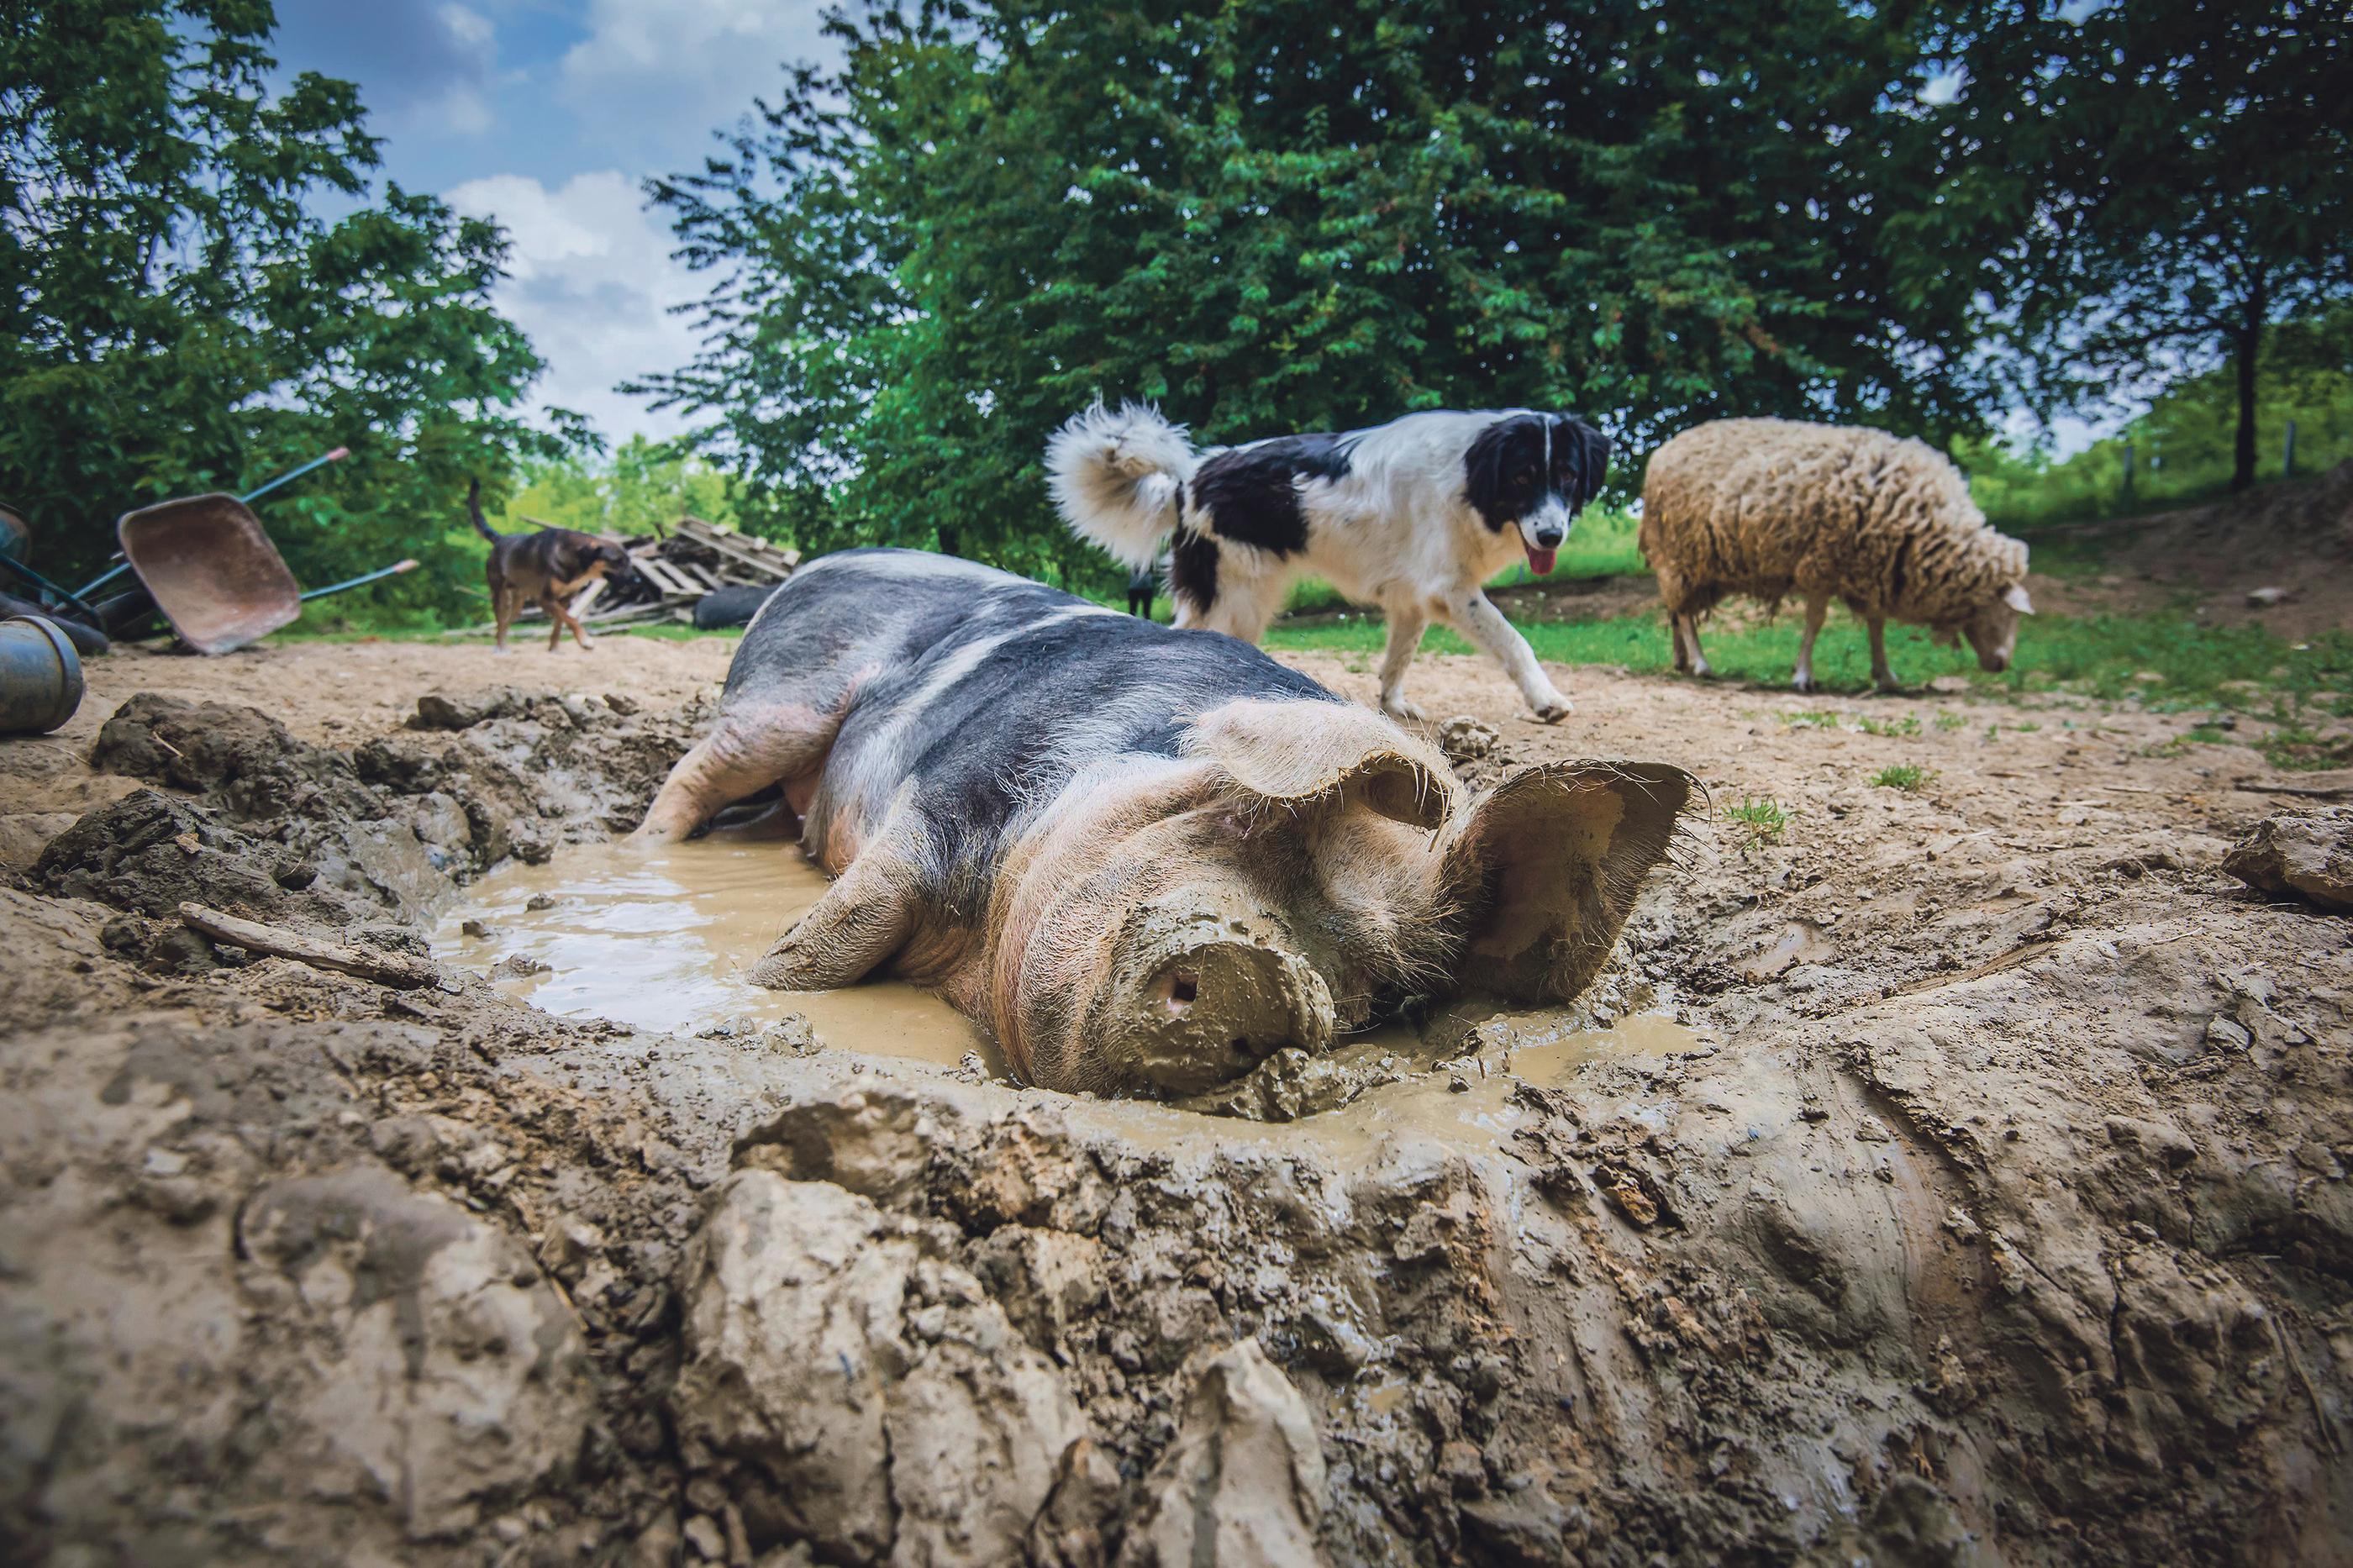 farma-zivotinja10-010617